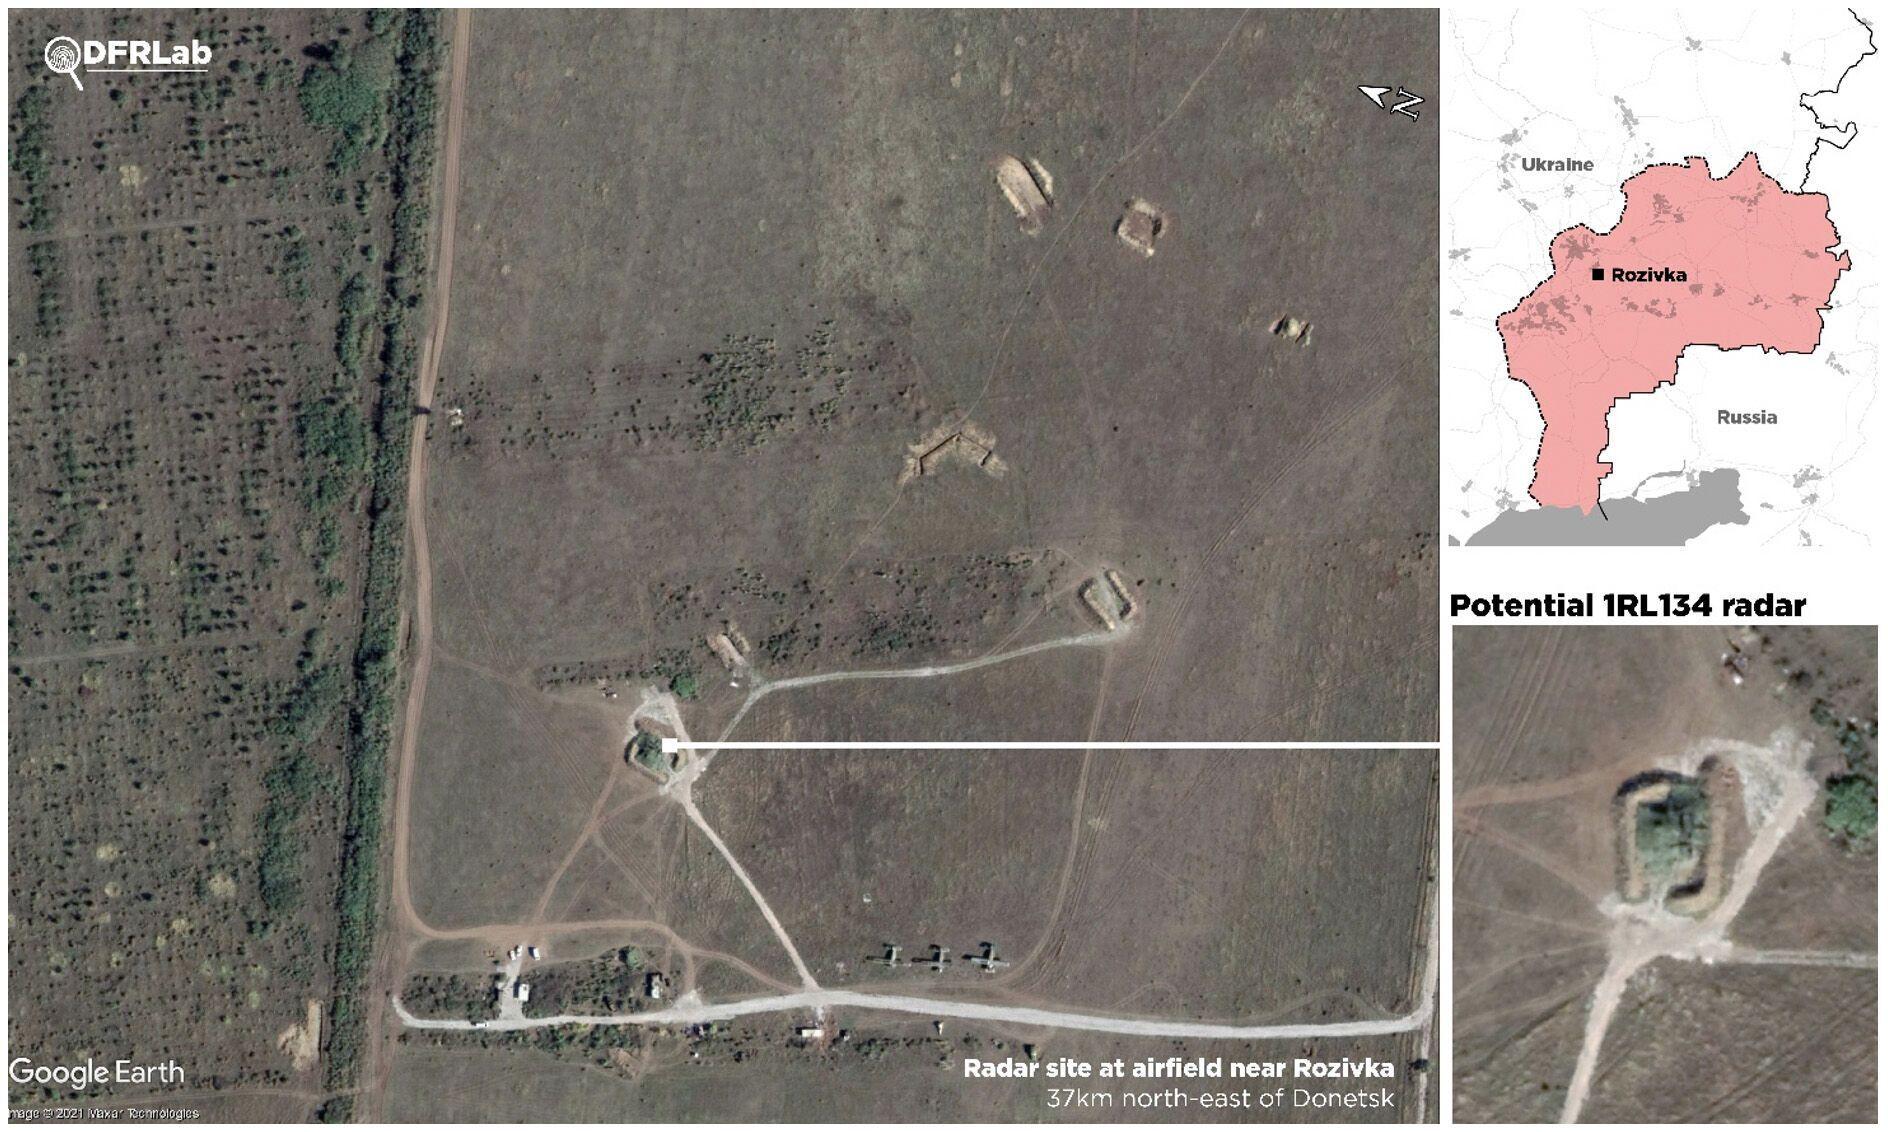 Супутникові знімки, що показують радіолокаційну станцію на аеродромі поблизу Розівки